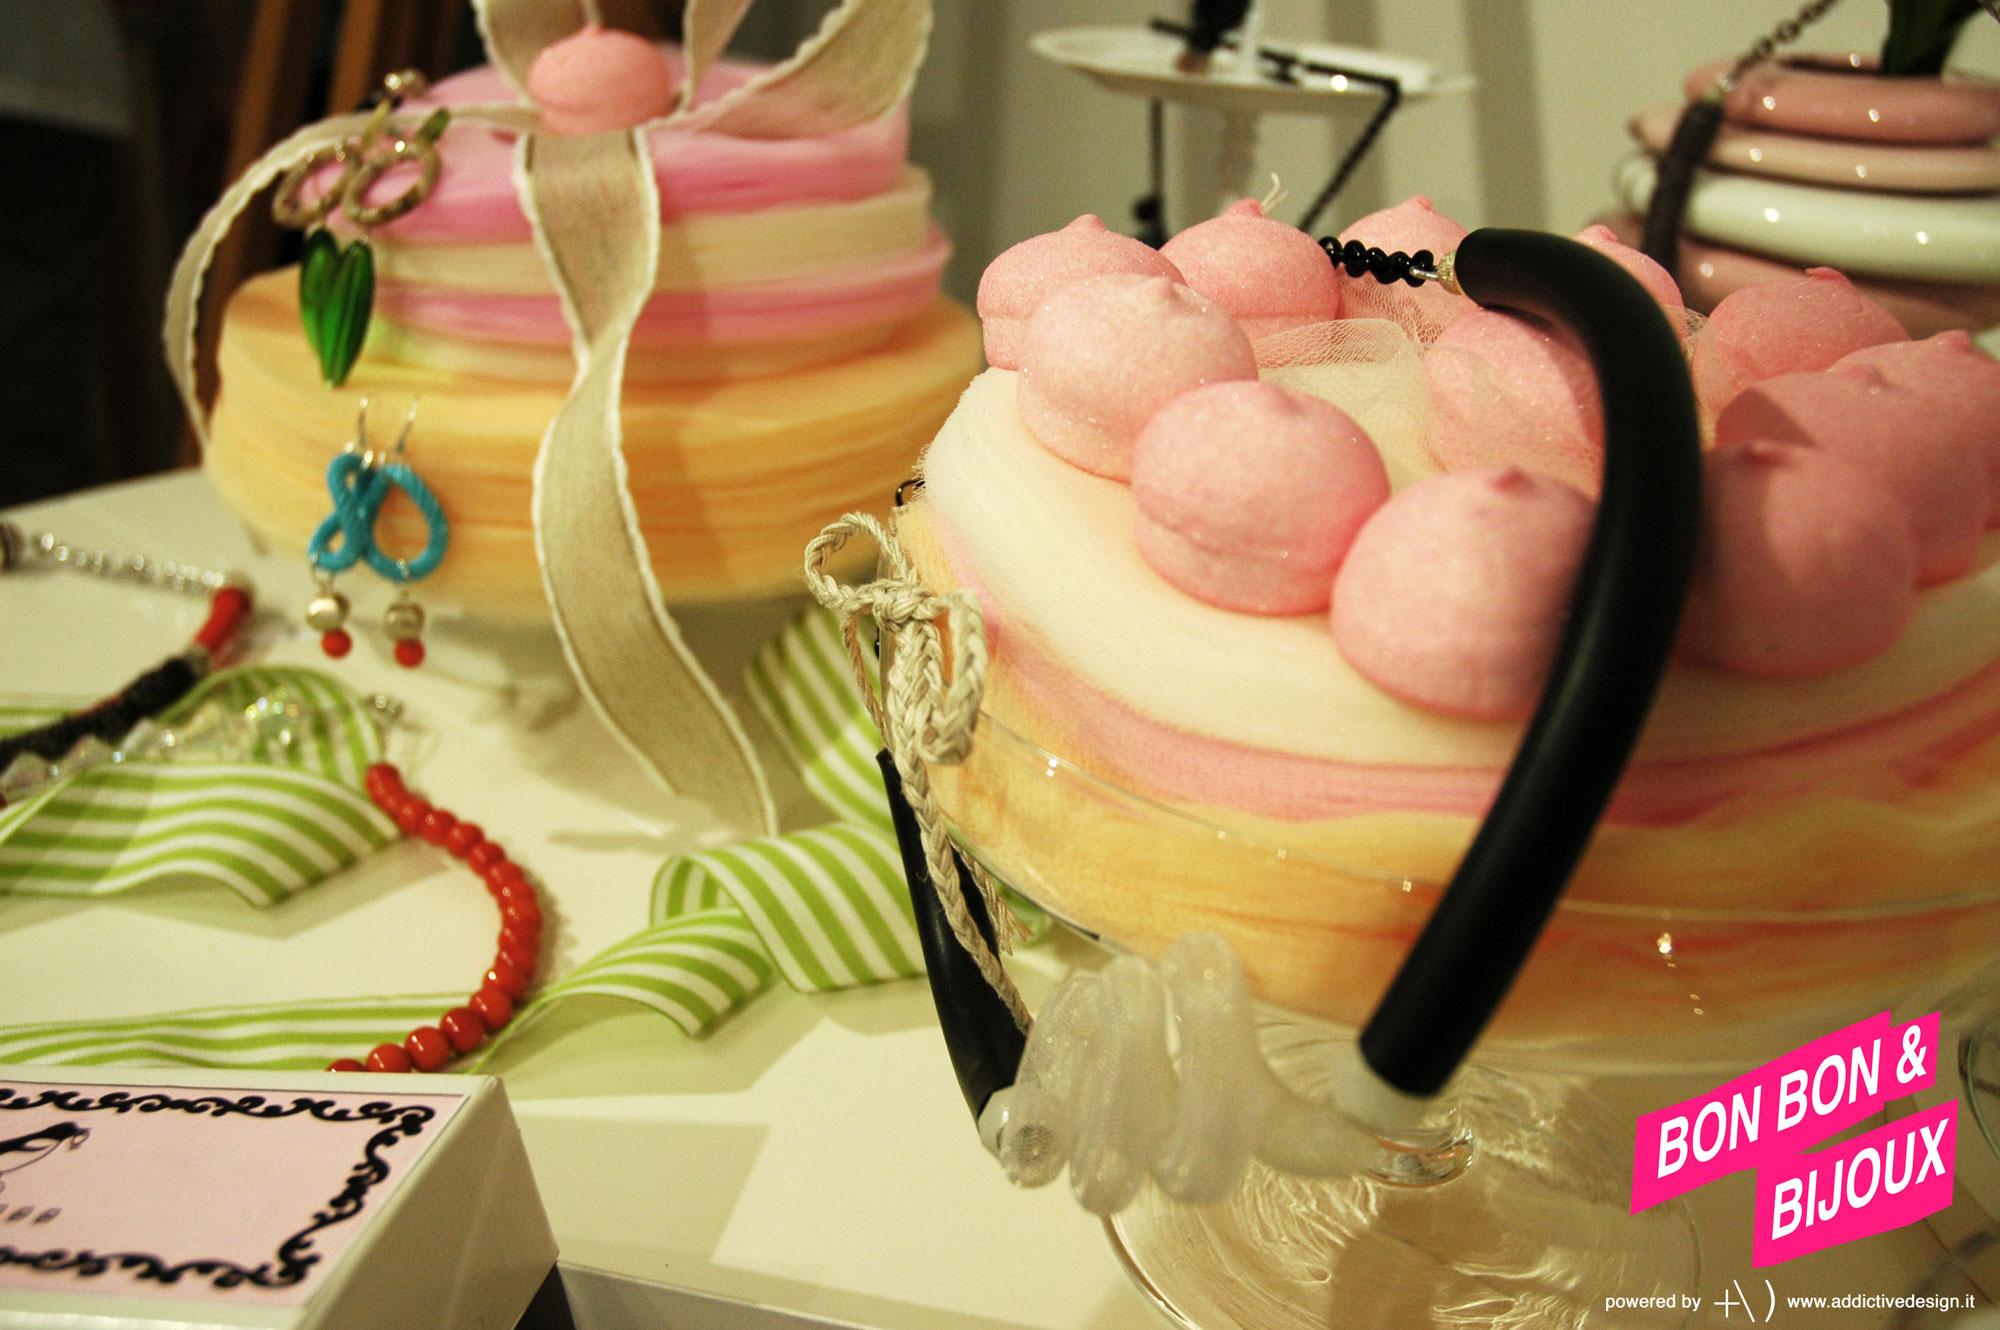 bonbon & bijoux collana e marshmallows